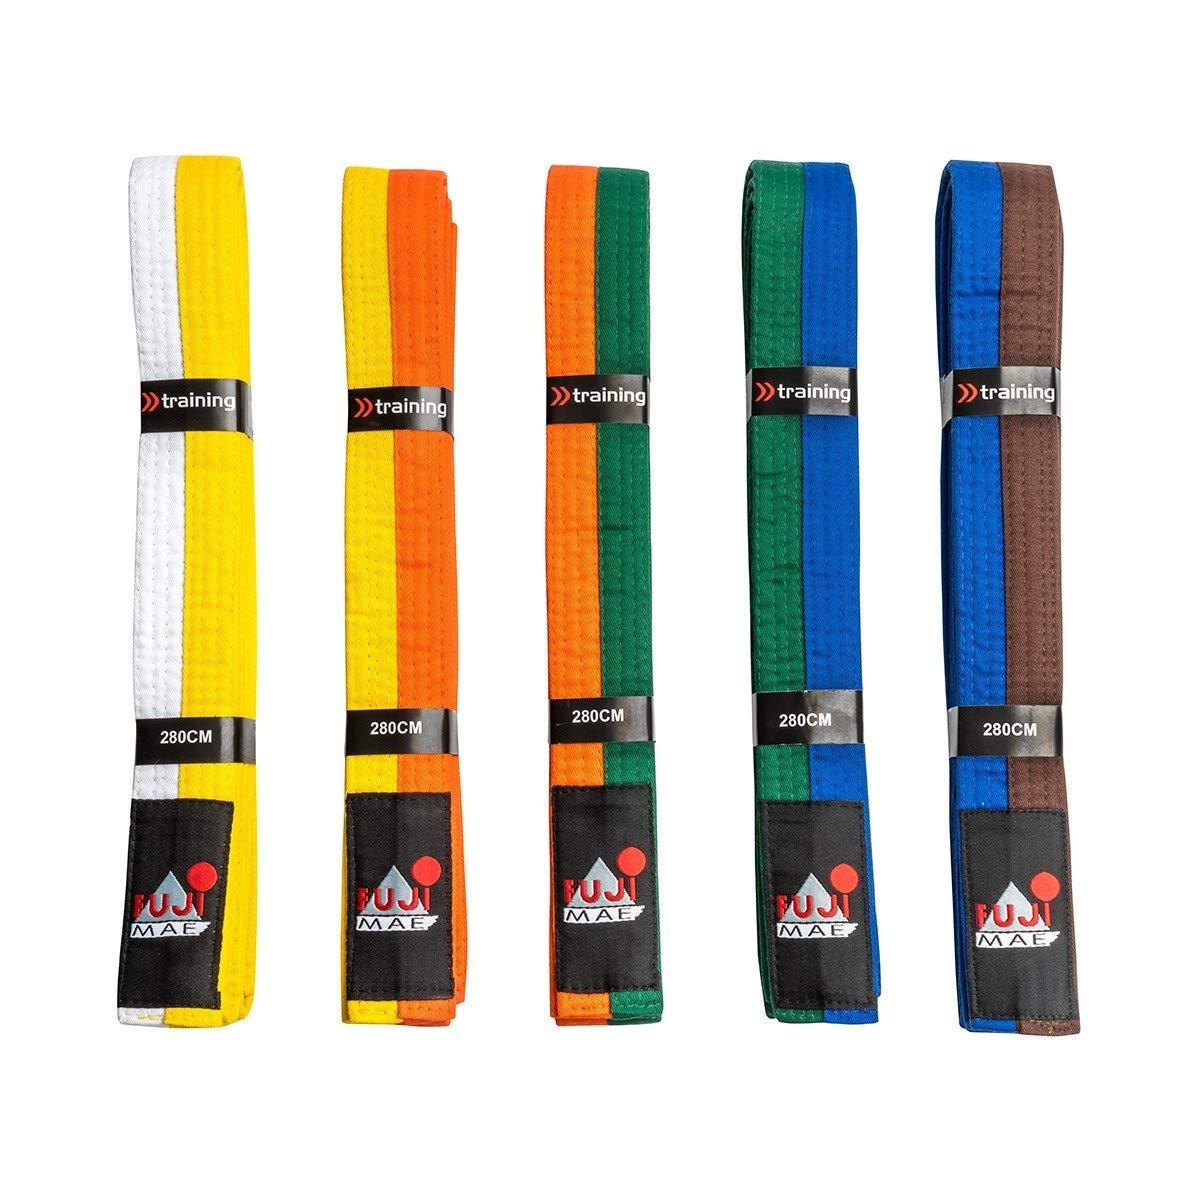 Fuji Mae - Cinturón adulto. 280cm. Bicolor, color Amarillo-Naranja